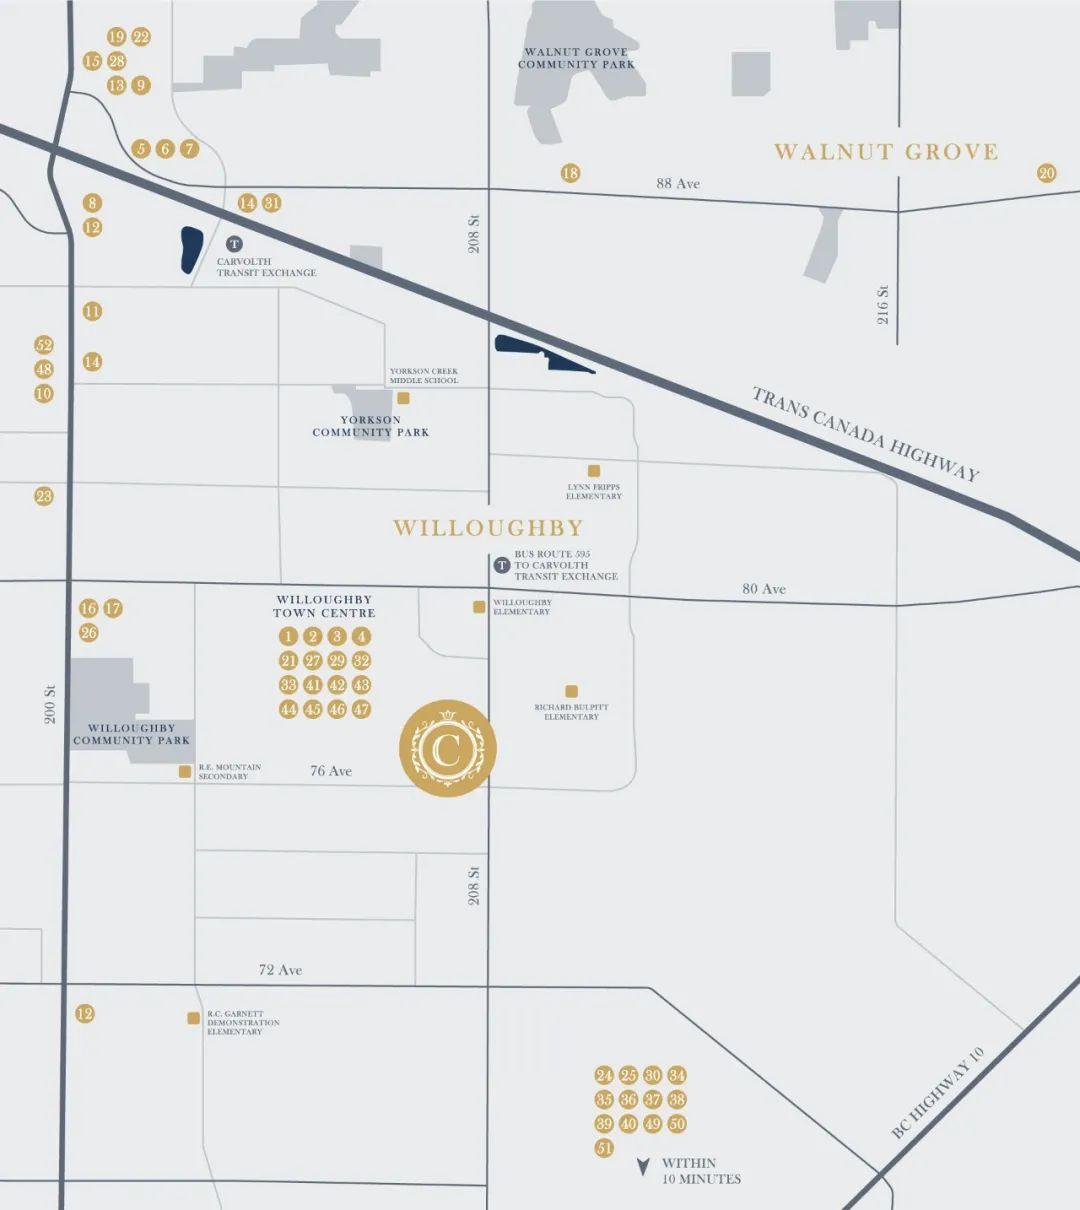 起价低至$69.99万,入住热门地区大户型联排,5-10分钟即达Costco及购物商圈